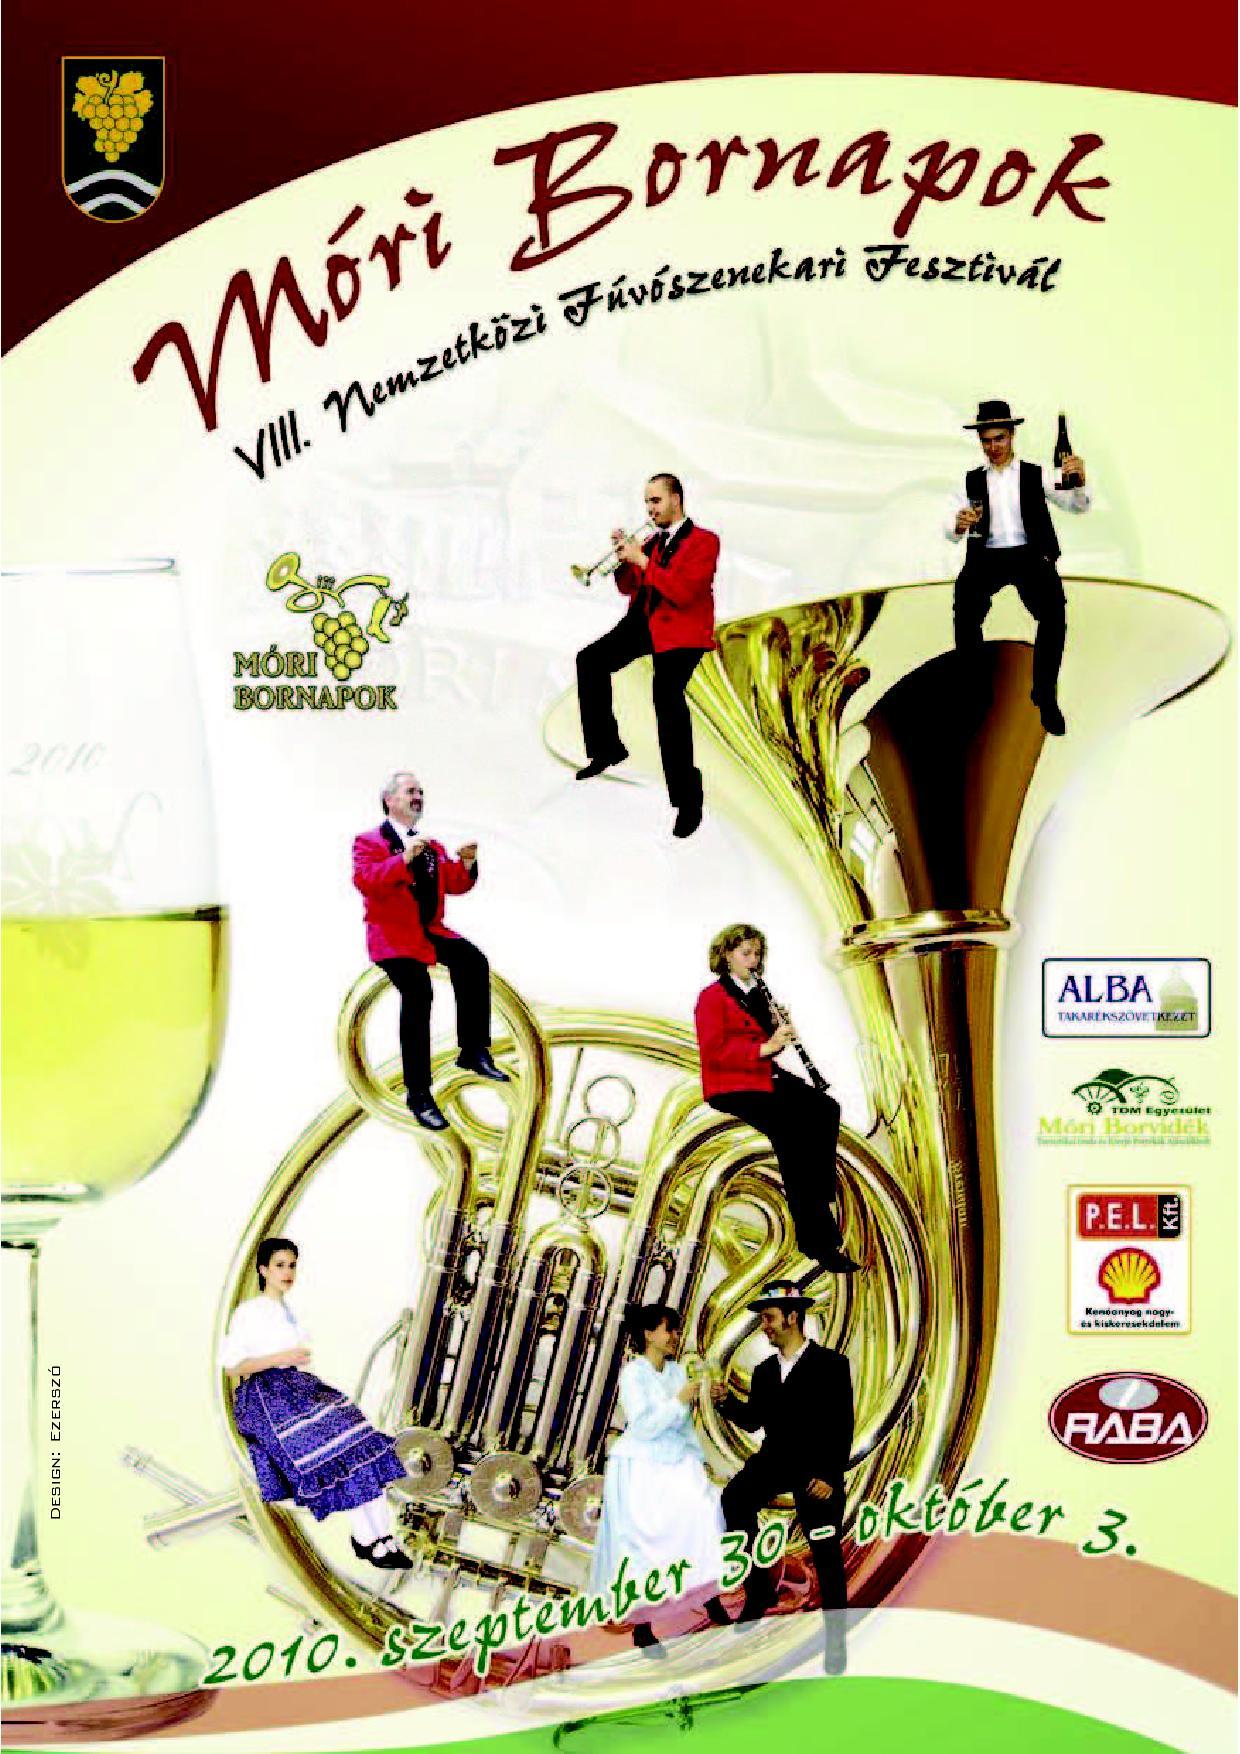 Móri Bornapok és VIII. Fúvószenekari Fesztivál - 2010. sueptember 30. - október 3.